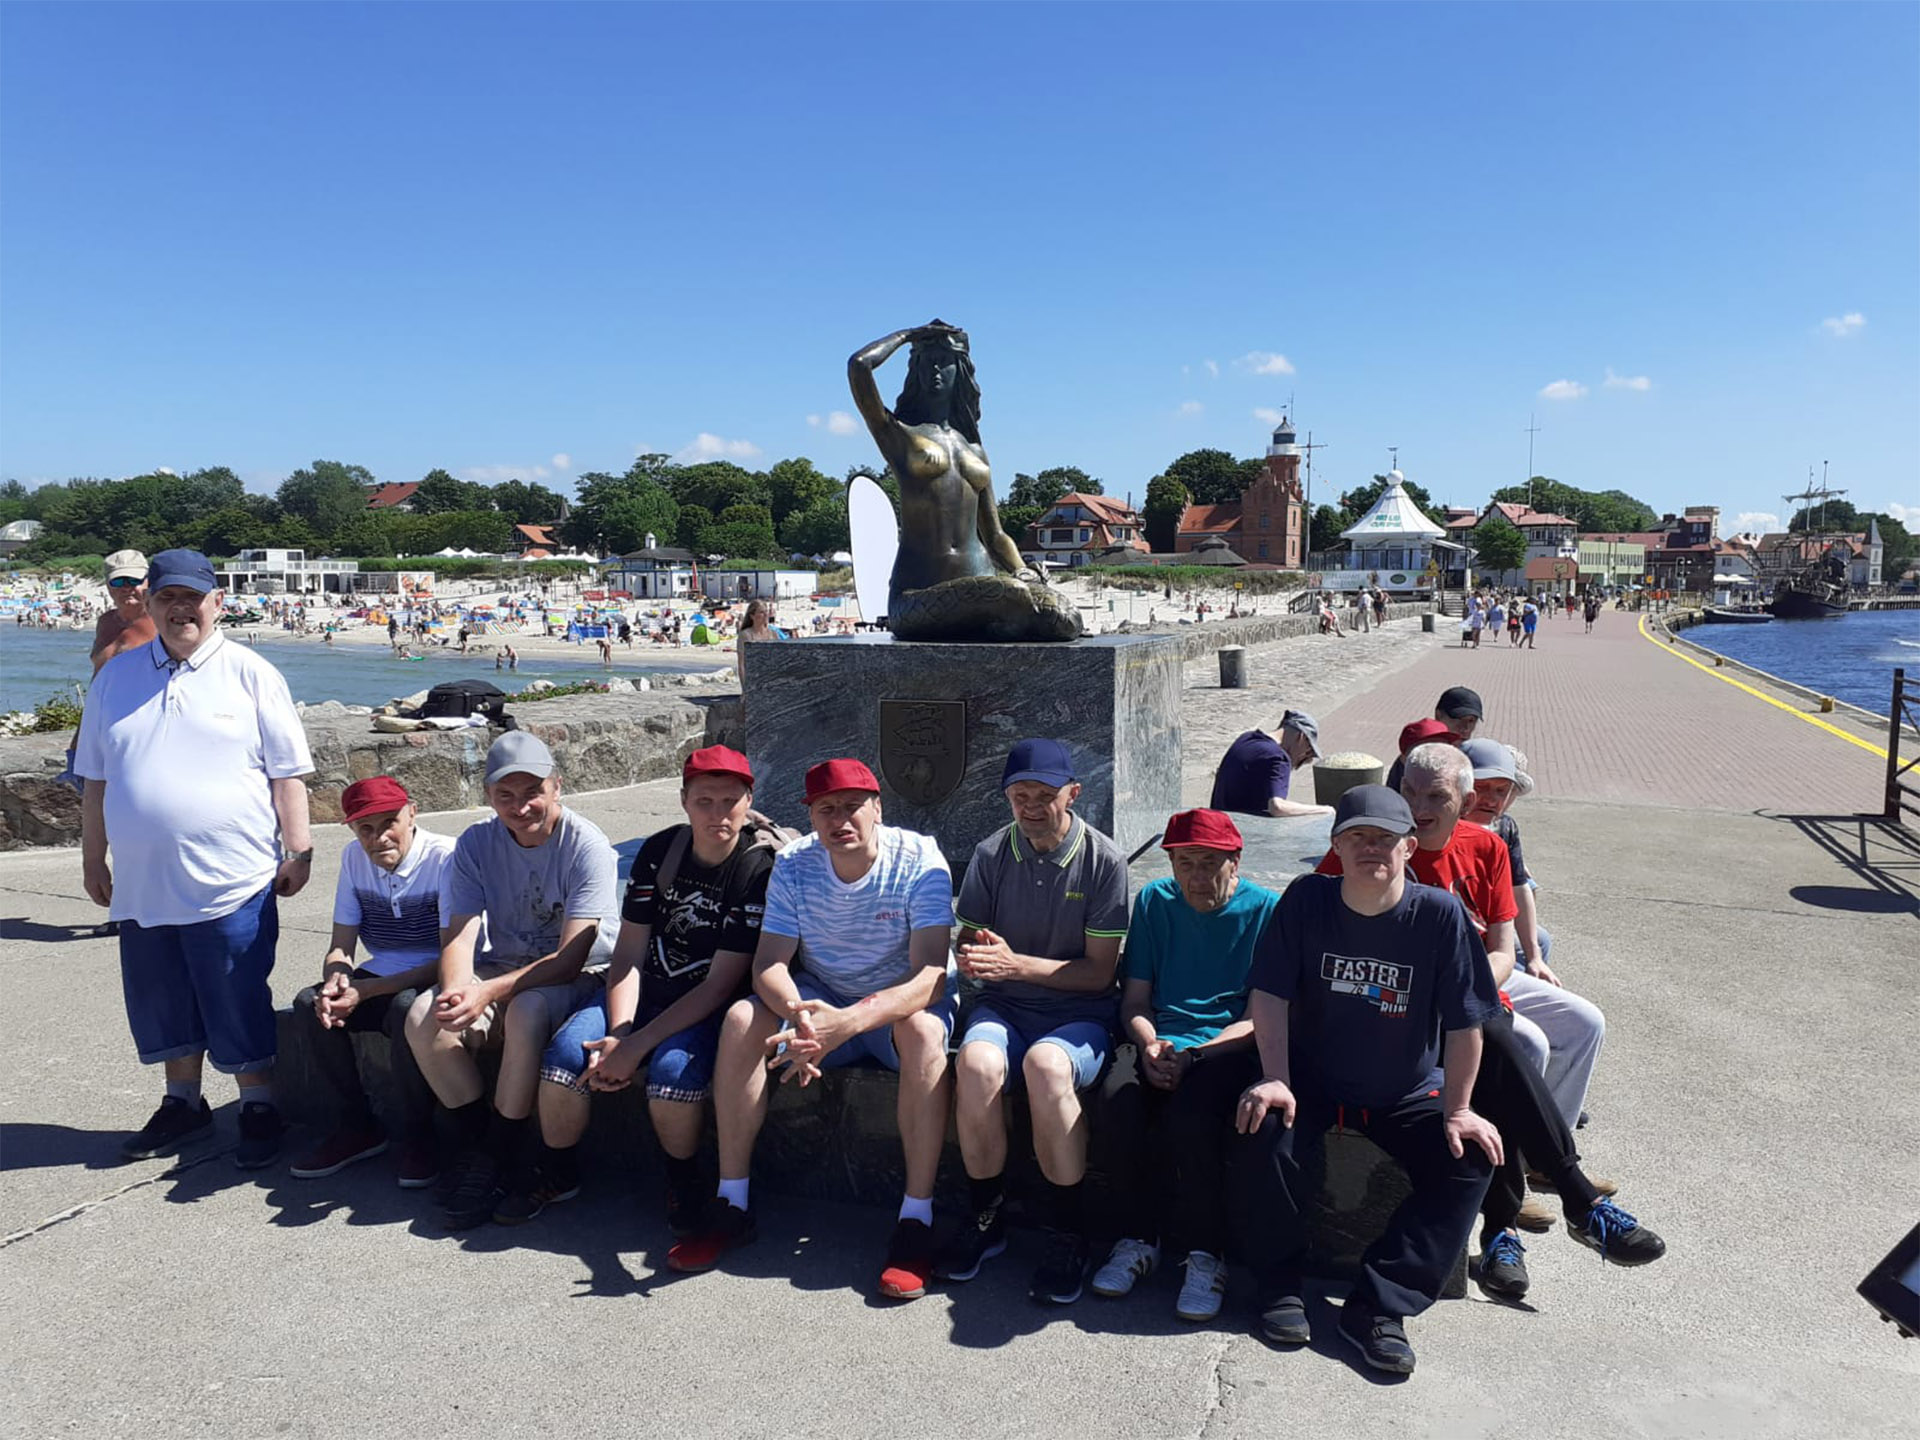 Grupa wycieczki siedzi przy pomniku kobiety z brązu, która siedzi i patrzy daleko przed siebie. Wszyscy są na promenadzie w Ustce